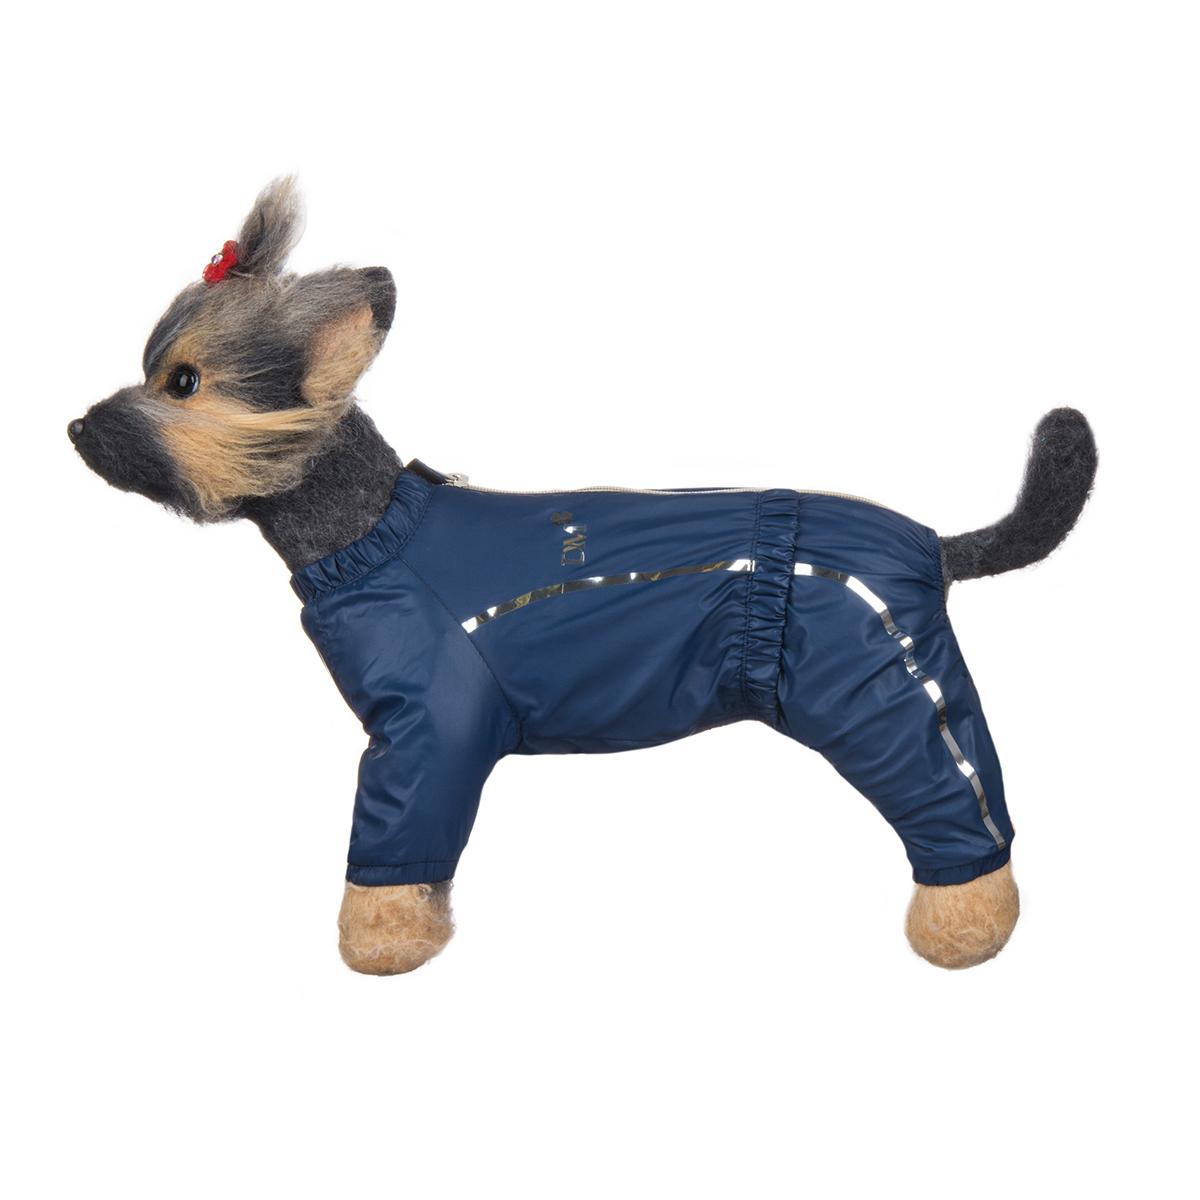 Комбинезон для собак Dogmoda Альпы, для мальчика, цвет: темно-синий. Размер 4 (XL)DM-150328-4Комбинезон для собак Dogmoda Альпы отлично подойдет для прогулок поздней осенью или ранней весной.Комбинезон изготовлен из полиэстера, защищающего от ветра и осадков, с подкладкой из флиса, которая сохранит тепло и обеспечит отличный воздухообмен. Комбинезон застегивается на молнию и липучку, благодаря чему его легко надевать и снимать. Ворот, низ рукавов и брючин оснащены внутренними резинками, которые мягко обхватывают шею и лапки, не позволяя просачиваться холодному воздуху. На пояснице имеется внутренняя резинка. Изделие декорировано серебристыми полосками и надписью DM.Благодаря такому комбинезону простуда не грозит вашему питомцу и он не даст любимцу продрогнуть на прогулке.